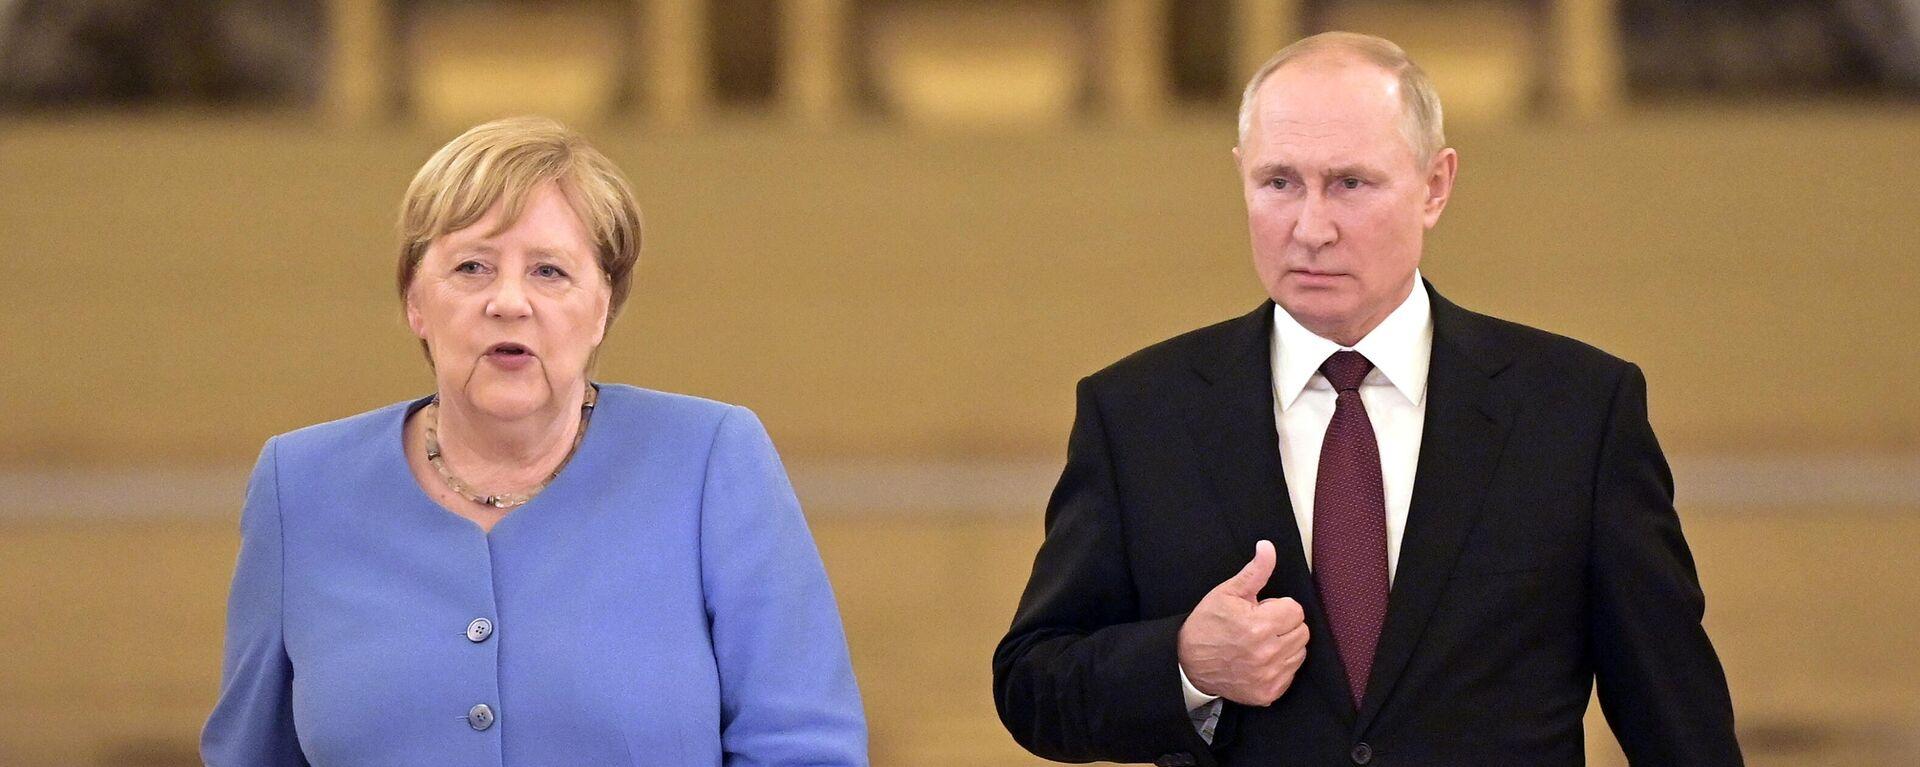 Bundeskanzlerin Angela Merkel und Russlands Präsident Wladimir Putin  - SNA, 1920, 20.08.2021